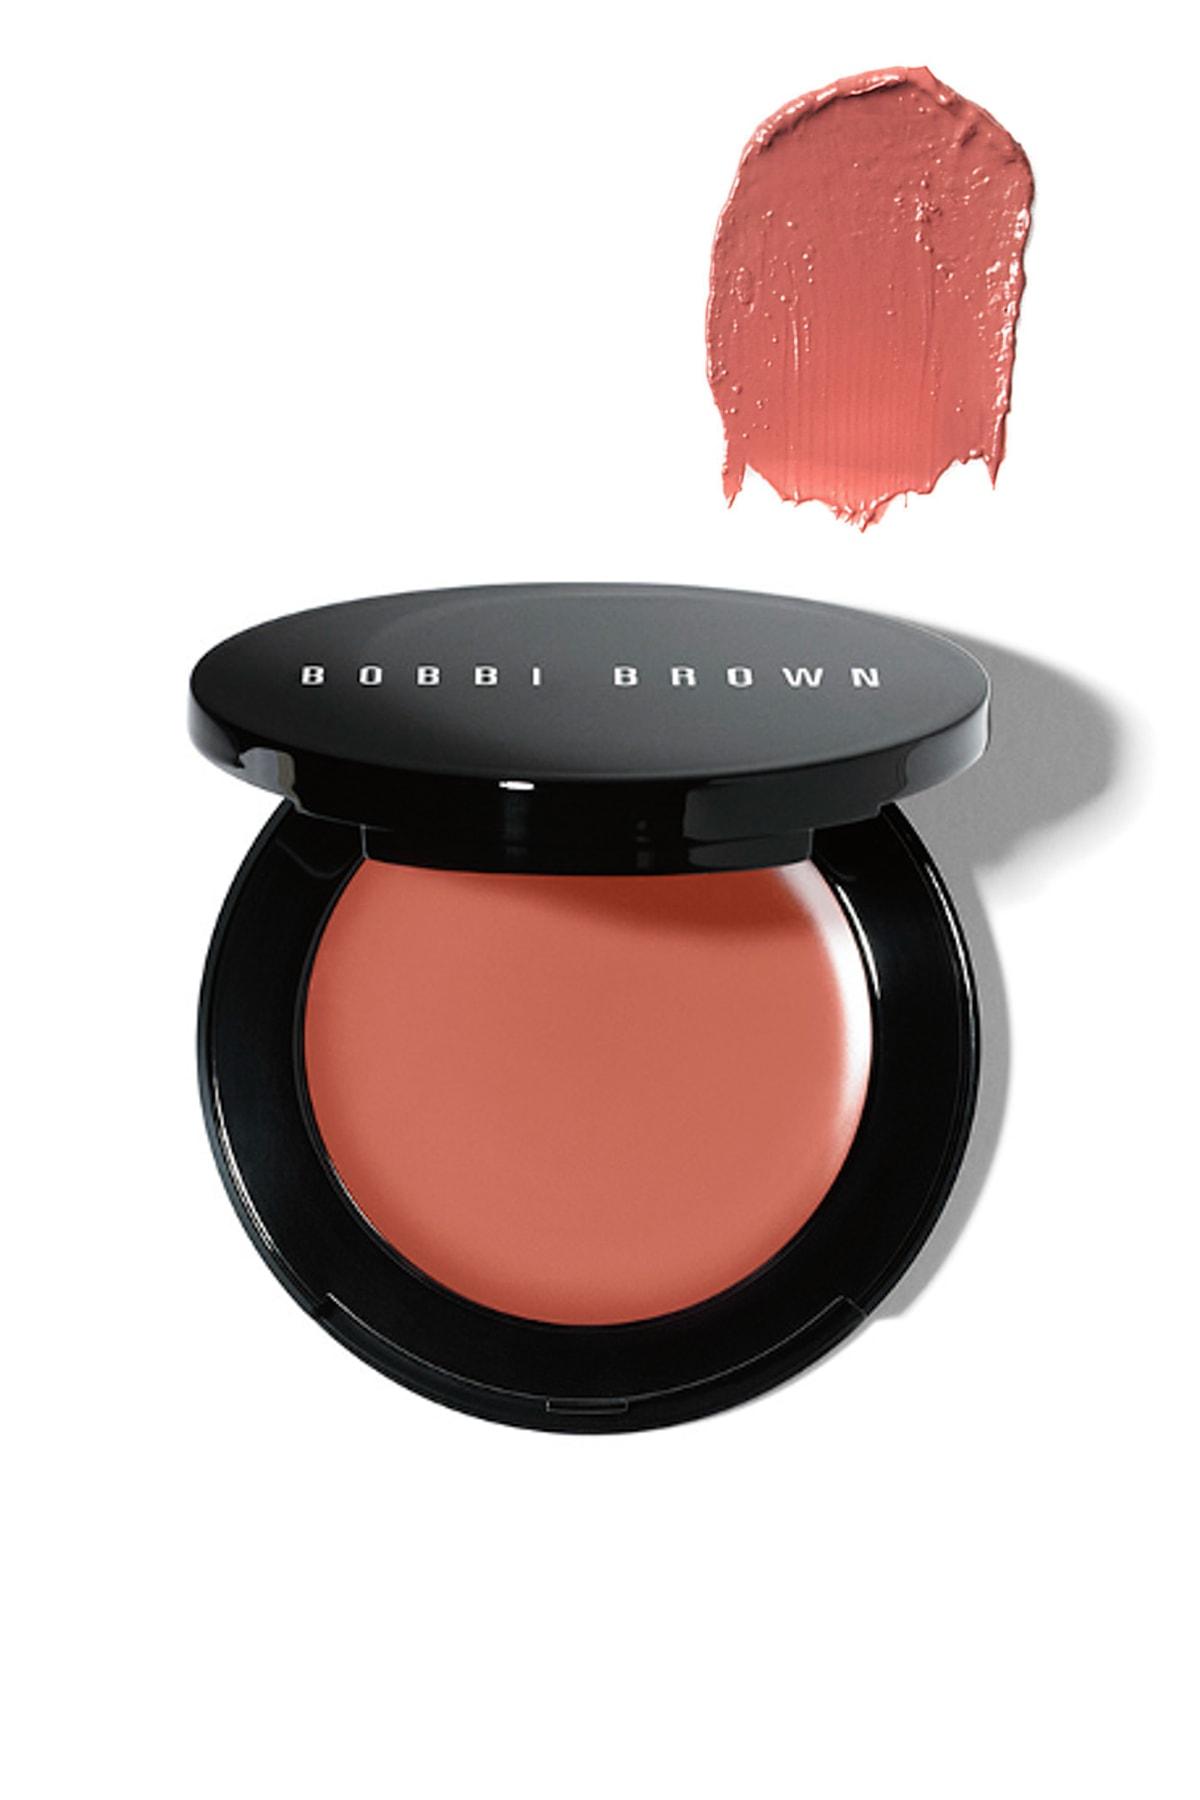 BOBBI BROWN Ruj & Allık - Pot Rouge Powder Pink 3.8 ml 716170096971 1